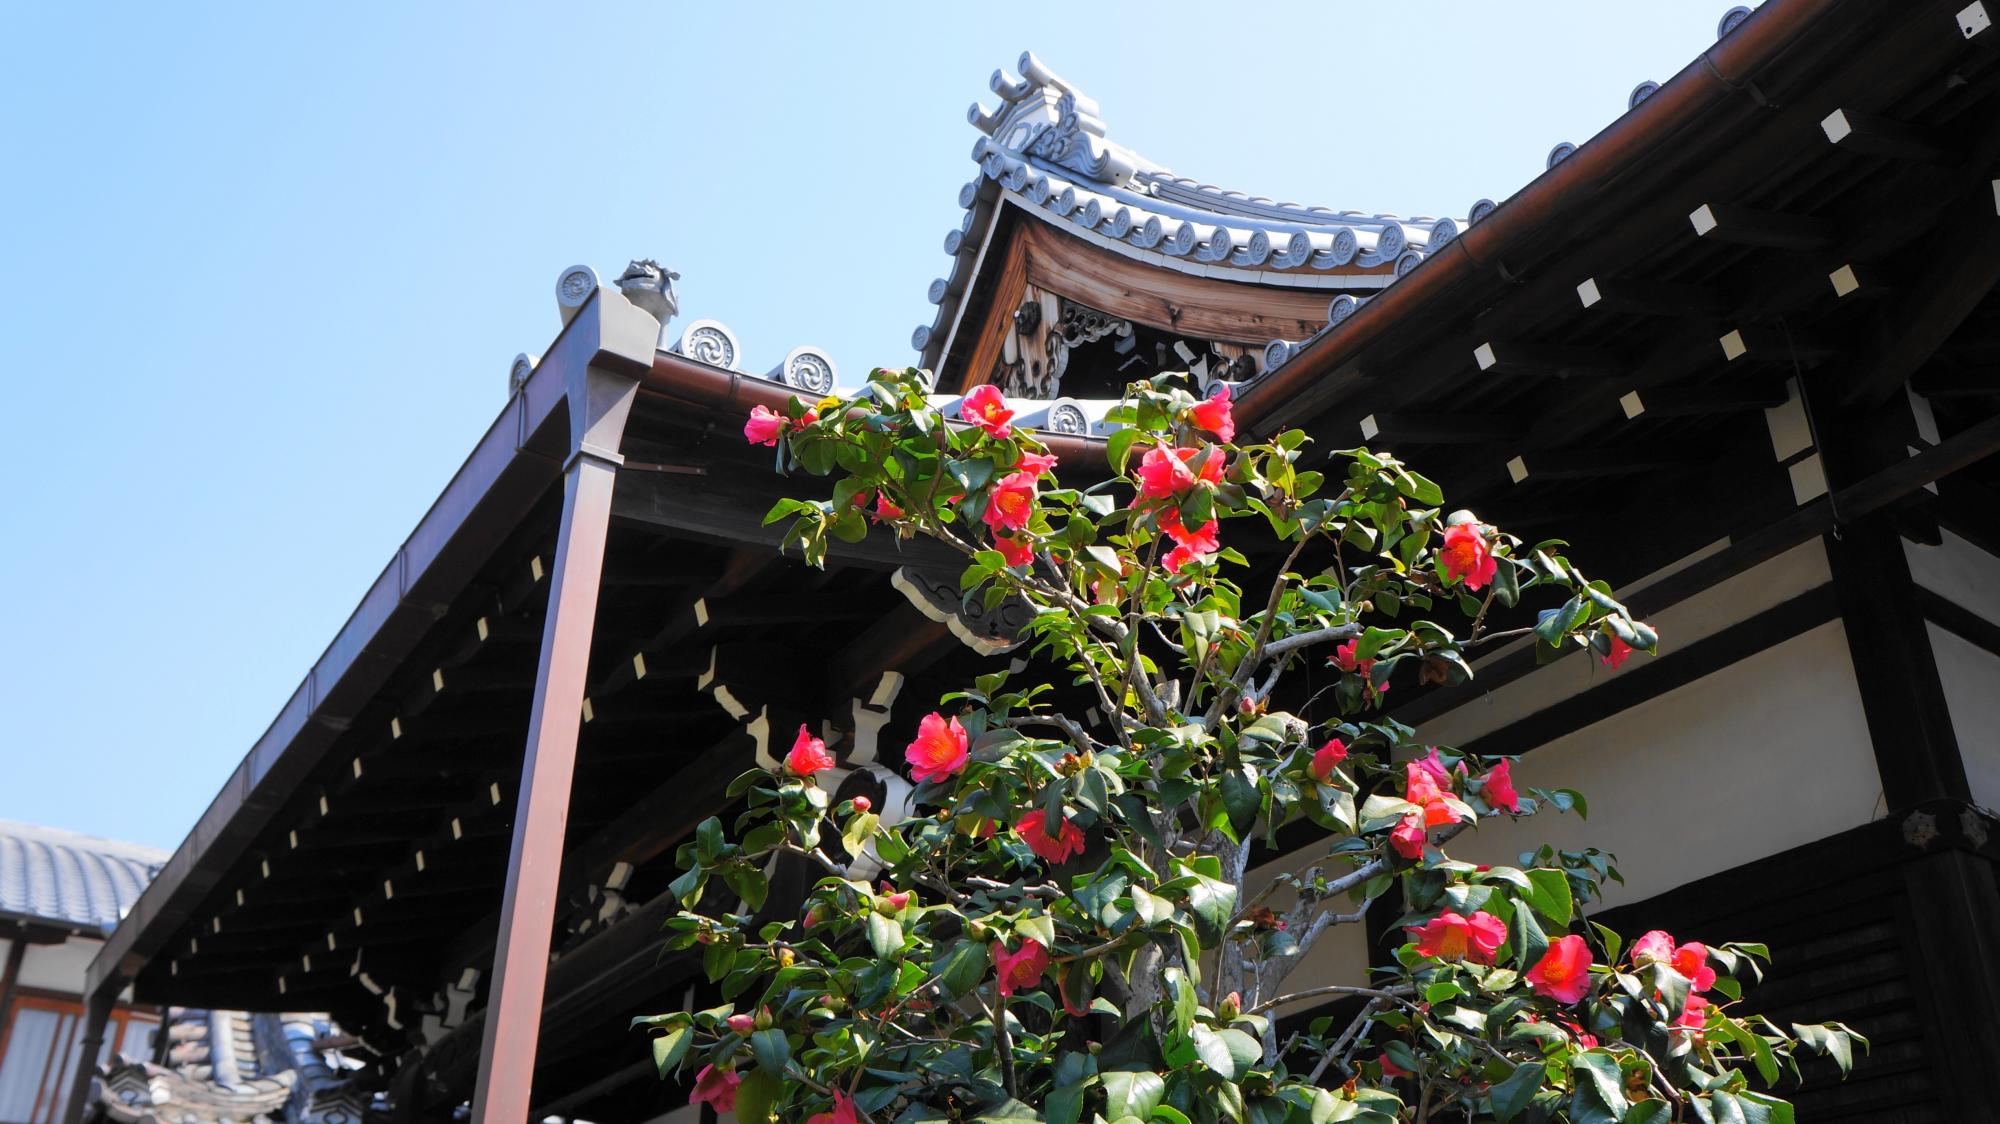 青空と本堂を彩る鮮やかな赤い椿